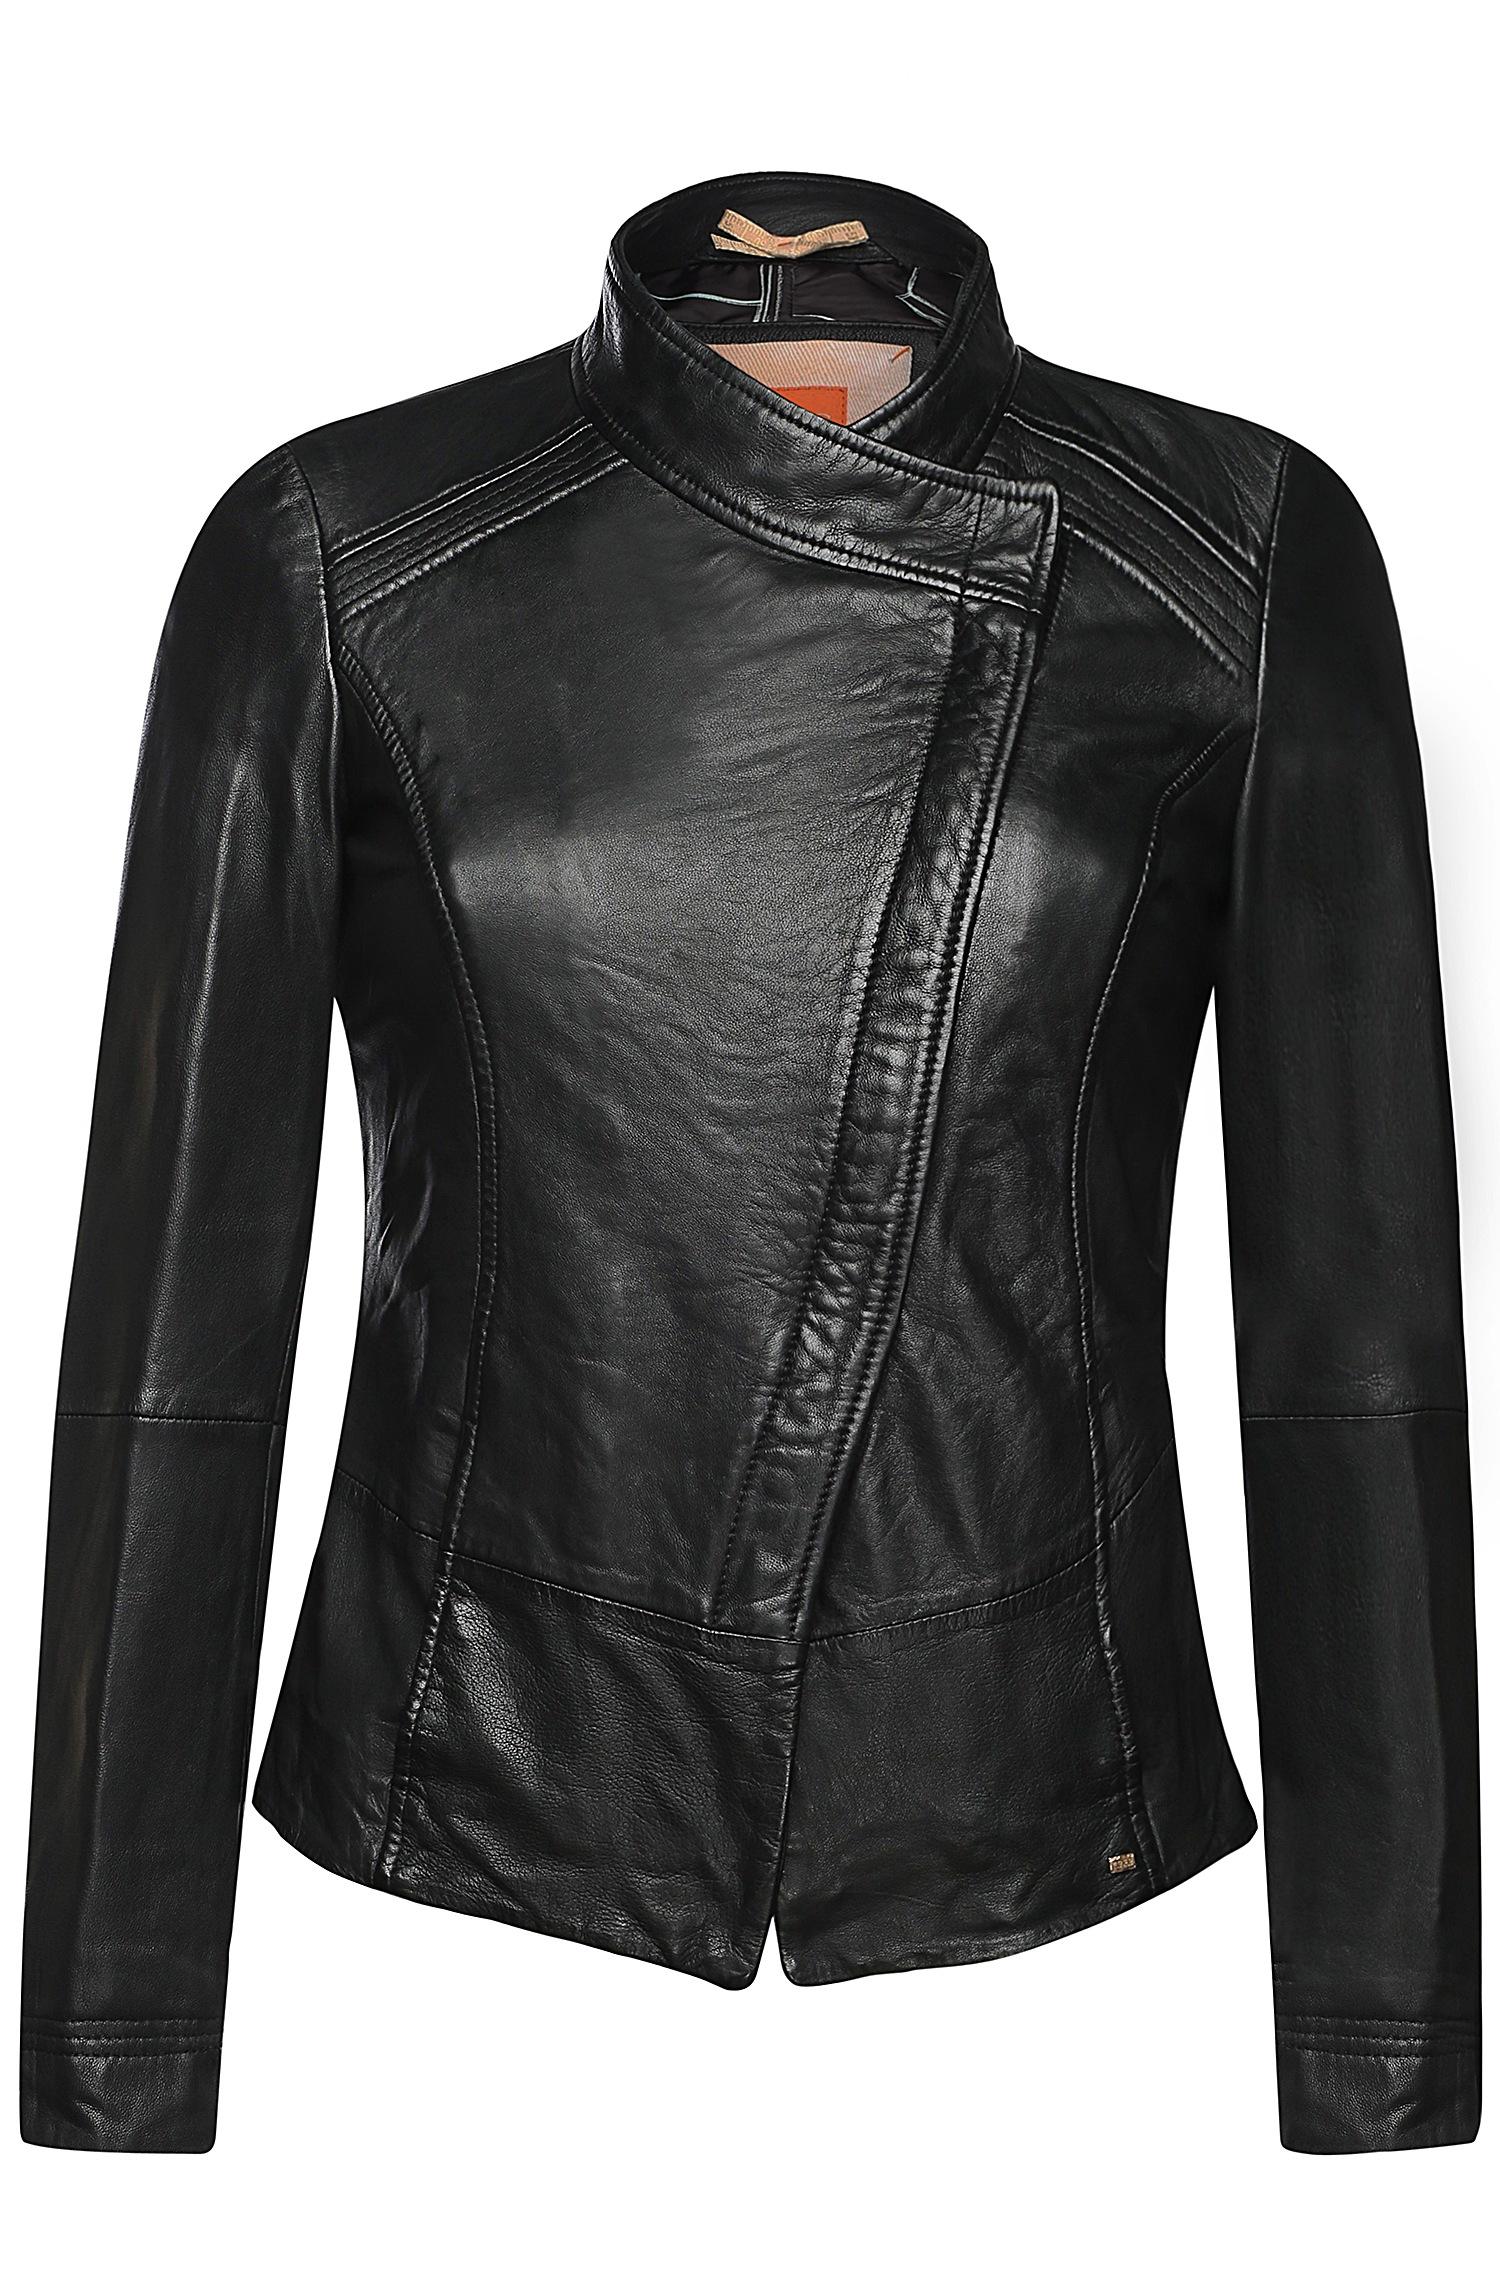 boss orange sheepskin leather jacket 39 jopida2 39 in black. Black Bedroom Furniture Sets. Home Design Ideas